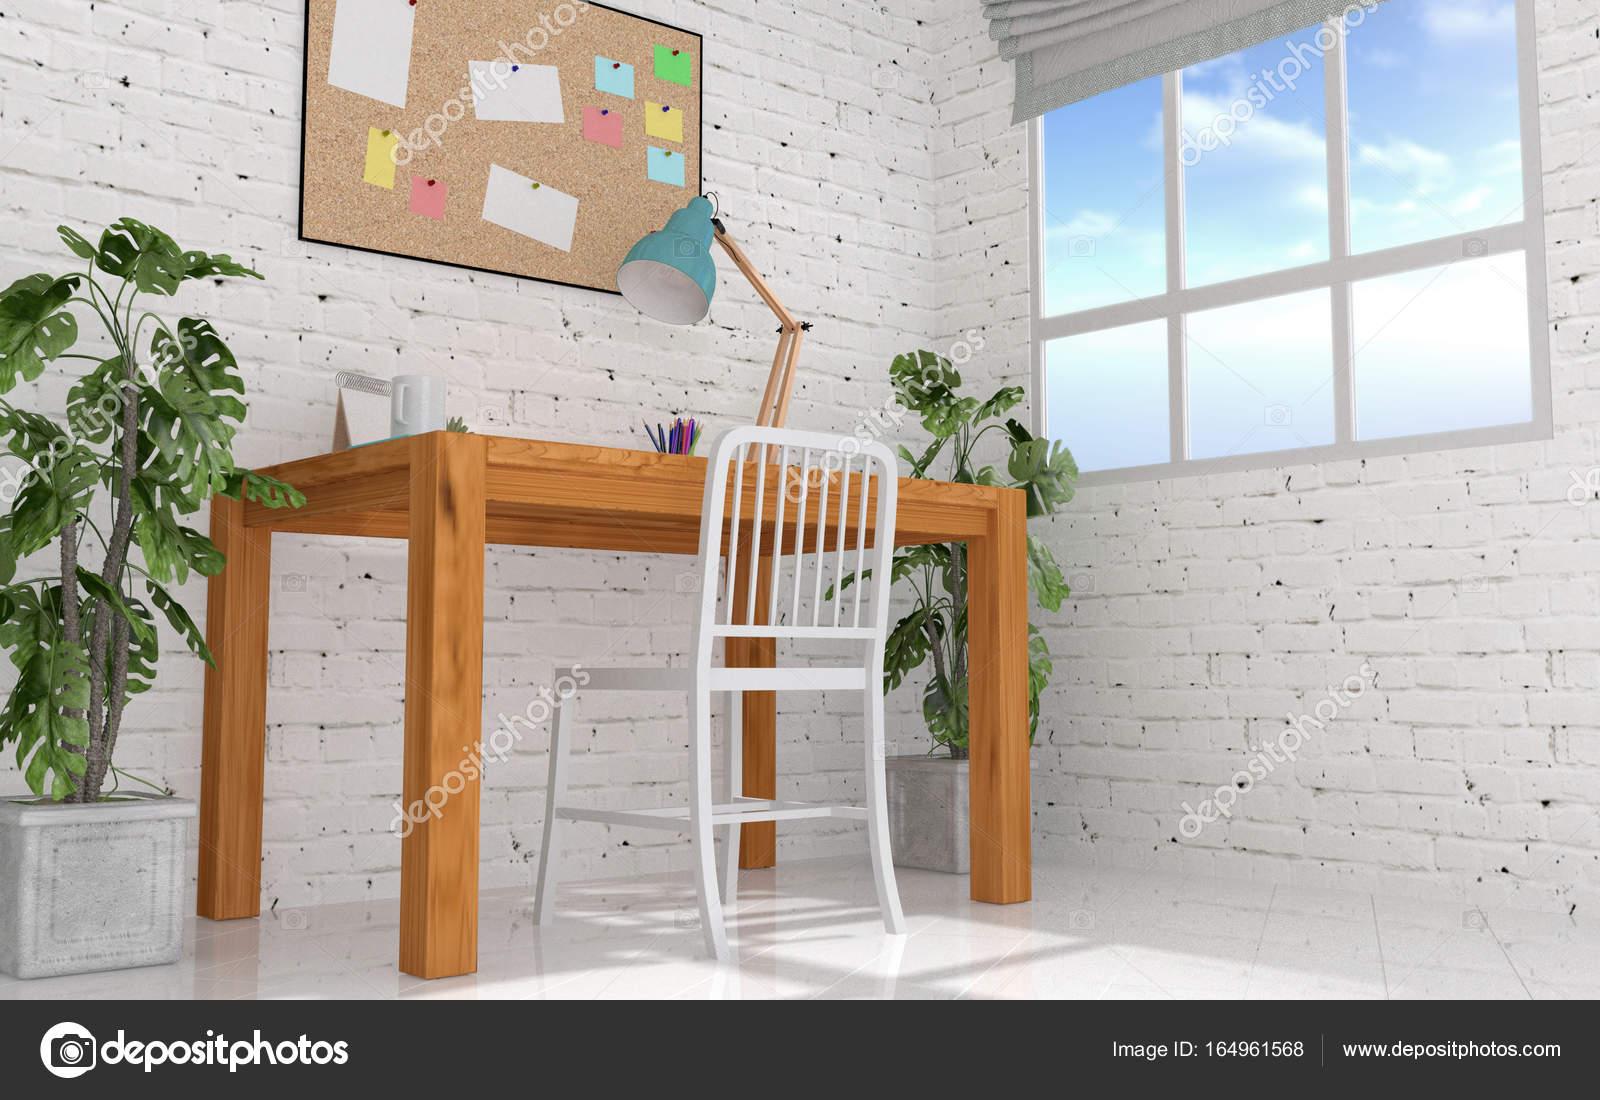 Kantoor aan huis kamer interieur in moderne en loft decoratie met